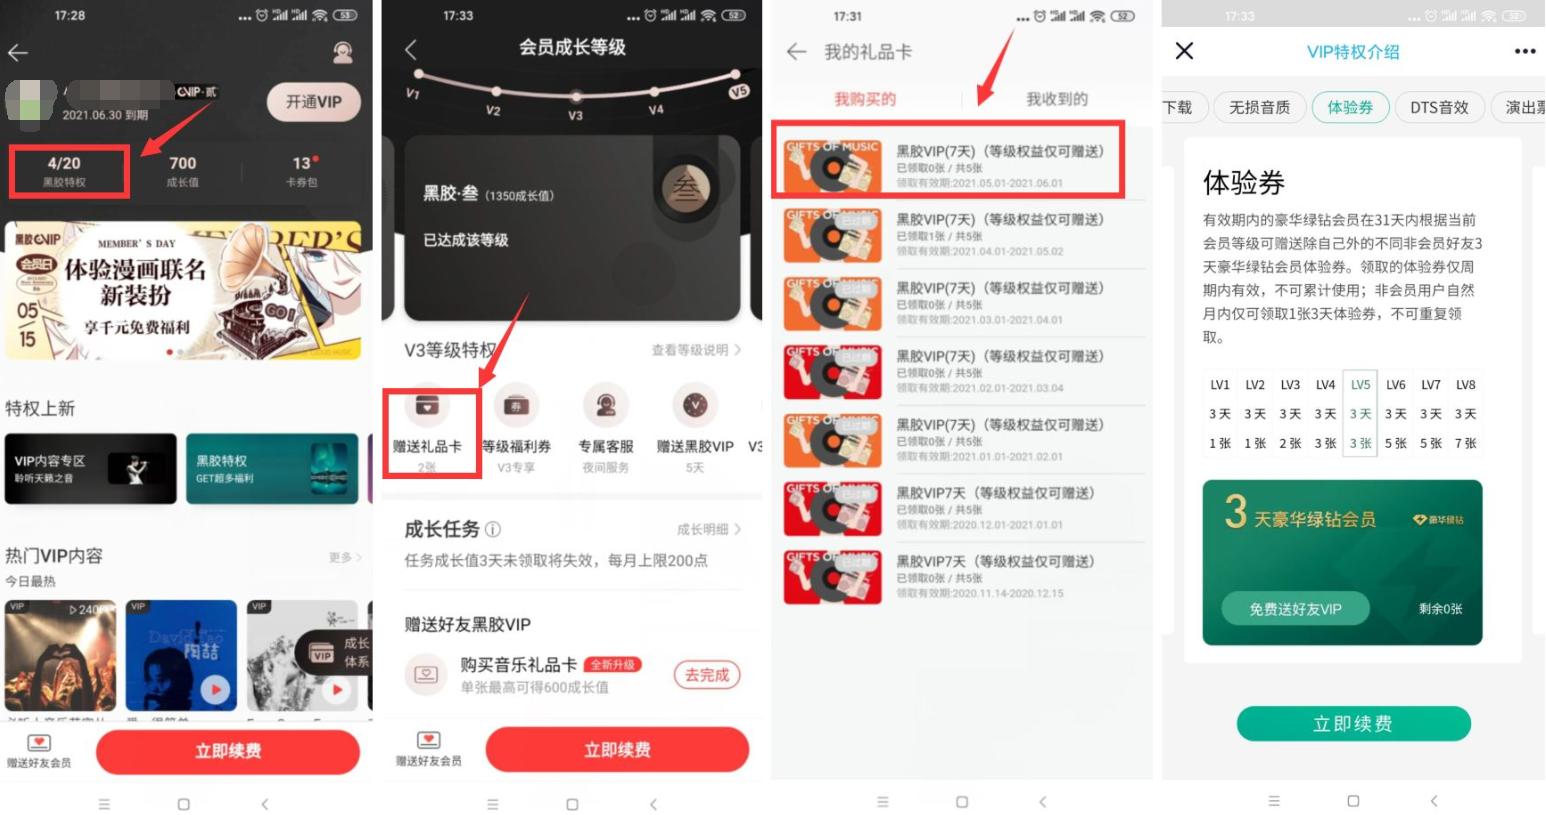 网易云QQ音乐会员免费送会员